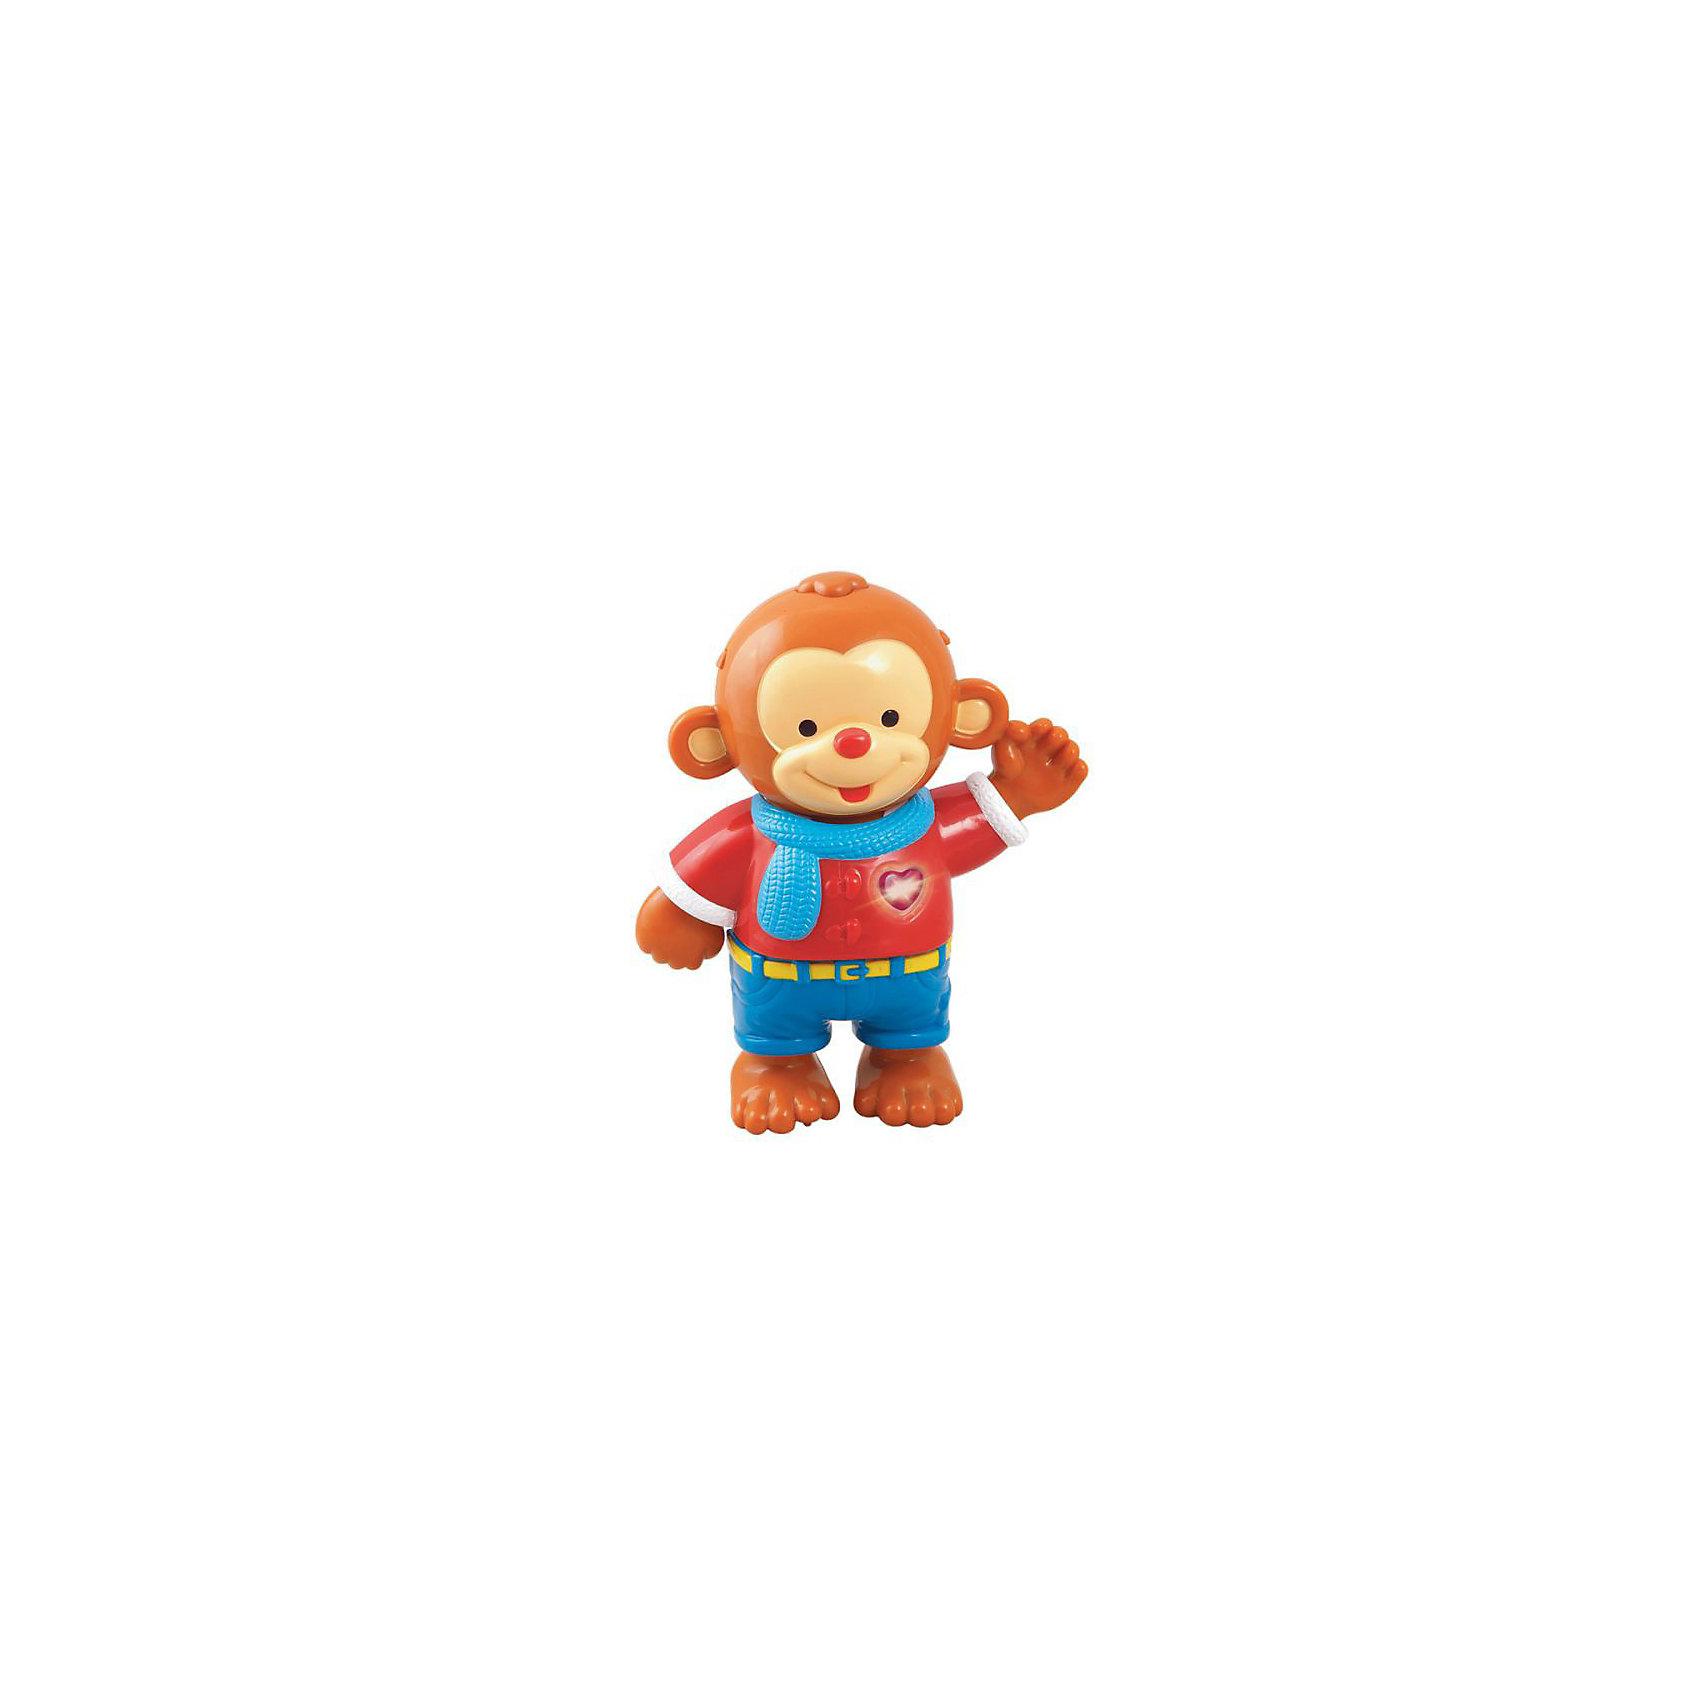 Развивающая игрушка Одень обезьянку, VtechРазвивающая игрушка Одень обезьянку!, свет+звук, Vtech - забавная интерактивная развивающая игрушка, которая наверняка порадует Вашего малыша.<br><br>Помогите весёлой обезьянке одеться для прогулки! У этой обезьянки имеется восемь различных предметов одежды, которые можно смешивать и подбирать! При этом, если одеть в них обезьянку, она обязательно произнесет их названия.<br><br>С помощью забавных фраз, которые произносит обезьянка Ваш малыш выучит названия одежды, научится различать цвета и освоит навыками, которые ему пригодятся в повседневной жизни. Во время игры малыш услышит весёлые песенки и ободряющие фразы. Игра сопровождается музыкой и световыми эффектами.<br><br>Режимы и функции игрушки: 1) учимся подбирать одежду в зависимости от типа погоды и самочувствия; 2) узнаём, какие бывают предпочтения в одежде; 3)  учимся различать цвета; 4) развиваем мелкую моторику; 5) режим вопросов; 6) светящееся сердечко; 7) песня из м/ф крошка енот. <br><br>Дополнительная информация:<br><br>- В комплекте:  обезьянка, 8 предметов одежды.<br>- Материал: пластмасса.<br>- Свет, звук и музыка. <br><br>Развивающую игрушка Одень обезьянку!, свет+звук, Vtech можно купить в нашем интернет-магазине.<br>- Питание: батарейки<br>-  Озвучивание: профессиональное (одноголосое).<br> 8 предметов одежды в комплекте. мешочек для хранения одежды.<br><br>Ширина мм: 330<br>Глубина мм: 100<br>Высота мм: 280<br>Вес г: 900<br>Возраст от месяцев: 18<br>Возраст до месяцев: 36<br>Пол: Унисекс<br>Возраст: Детский<br>SKU: 3341124